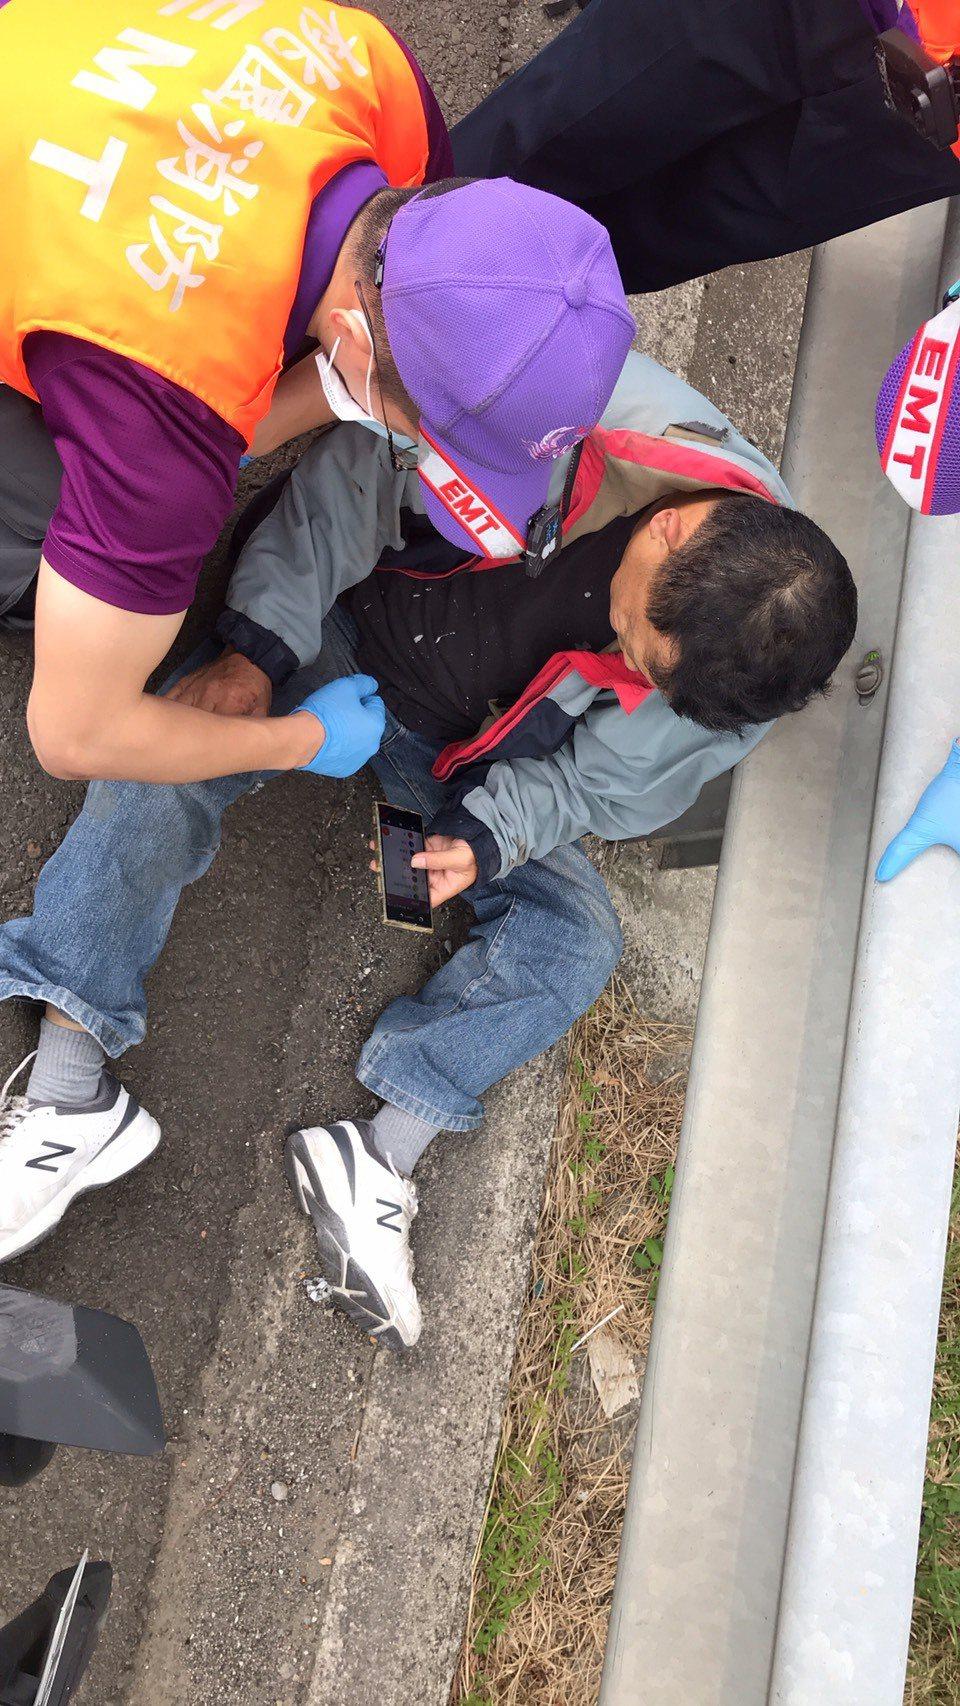 彭姓男子因不熟悉路況,誤闖國道高速公路,緊張不知所措,不慎自撞外側護欄受傷。記者...